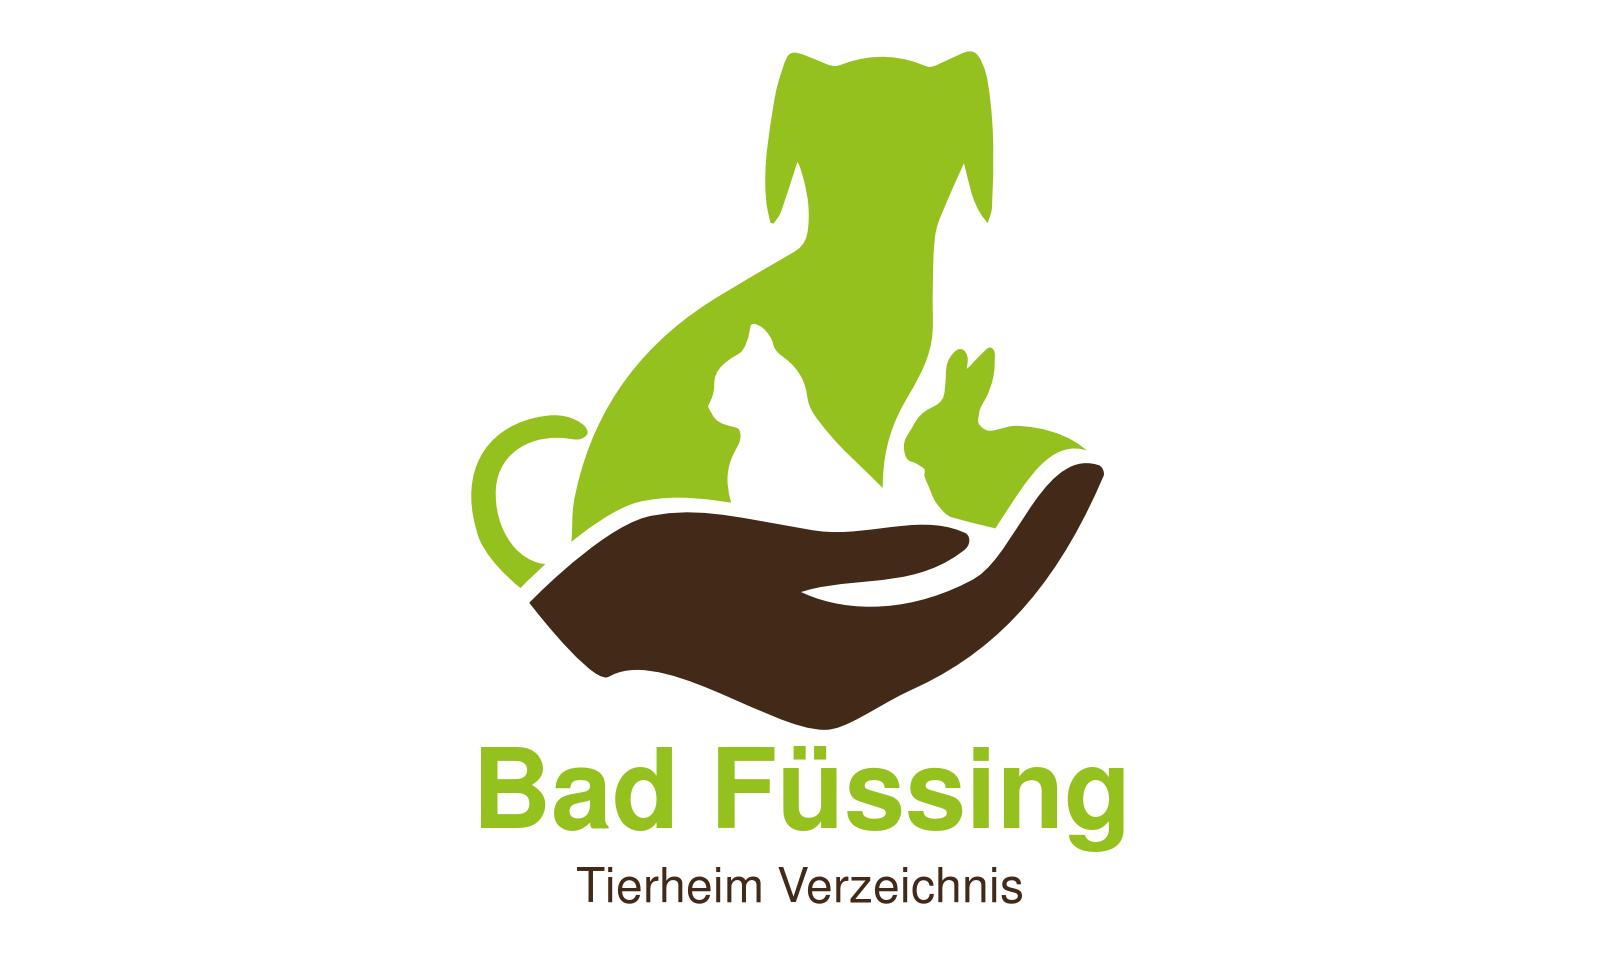 Tierheim Bad Füssing